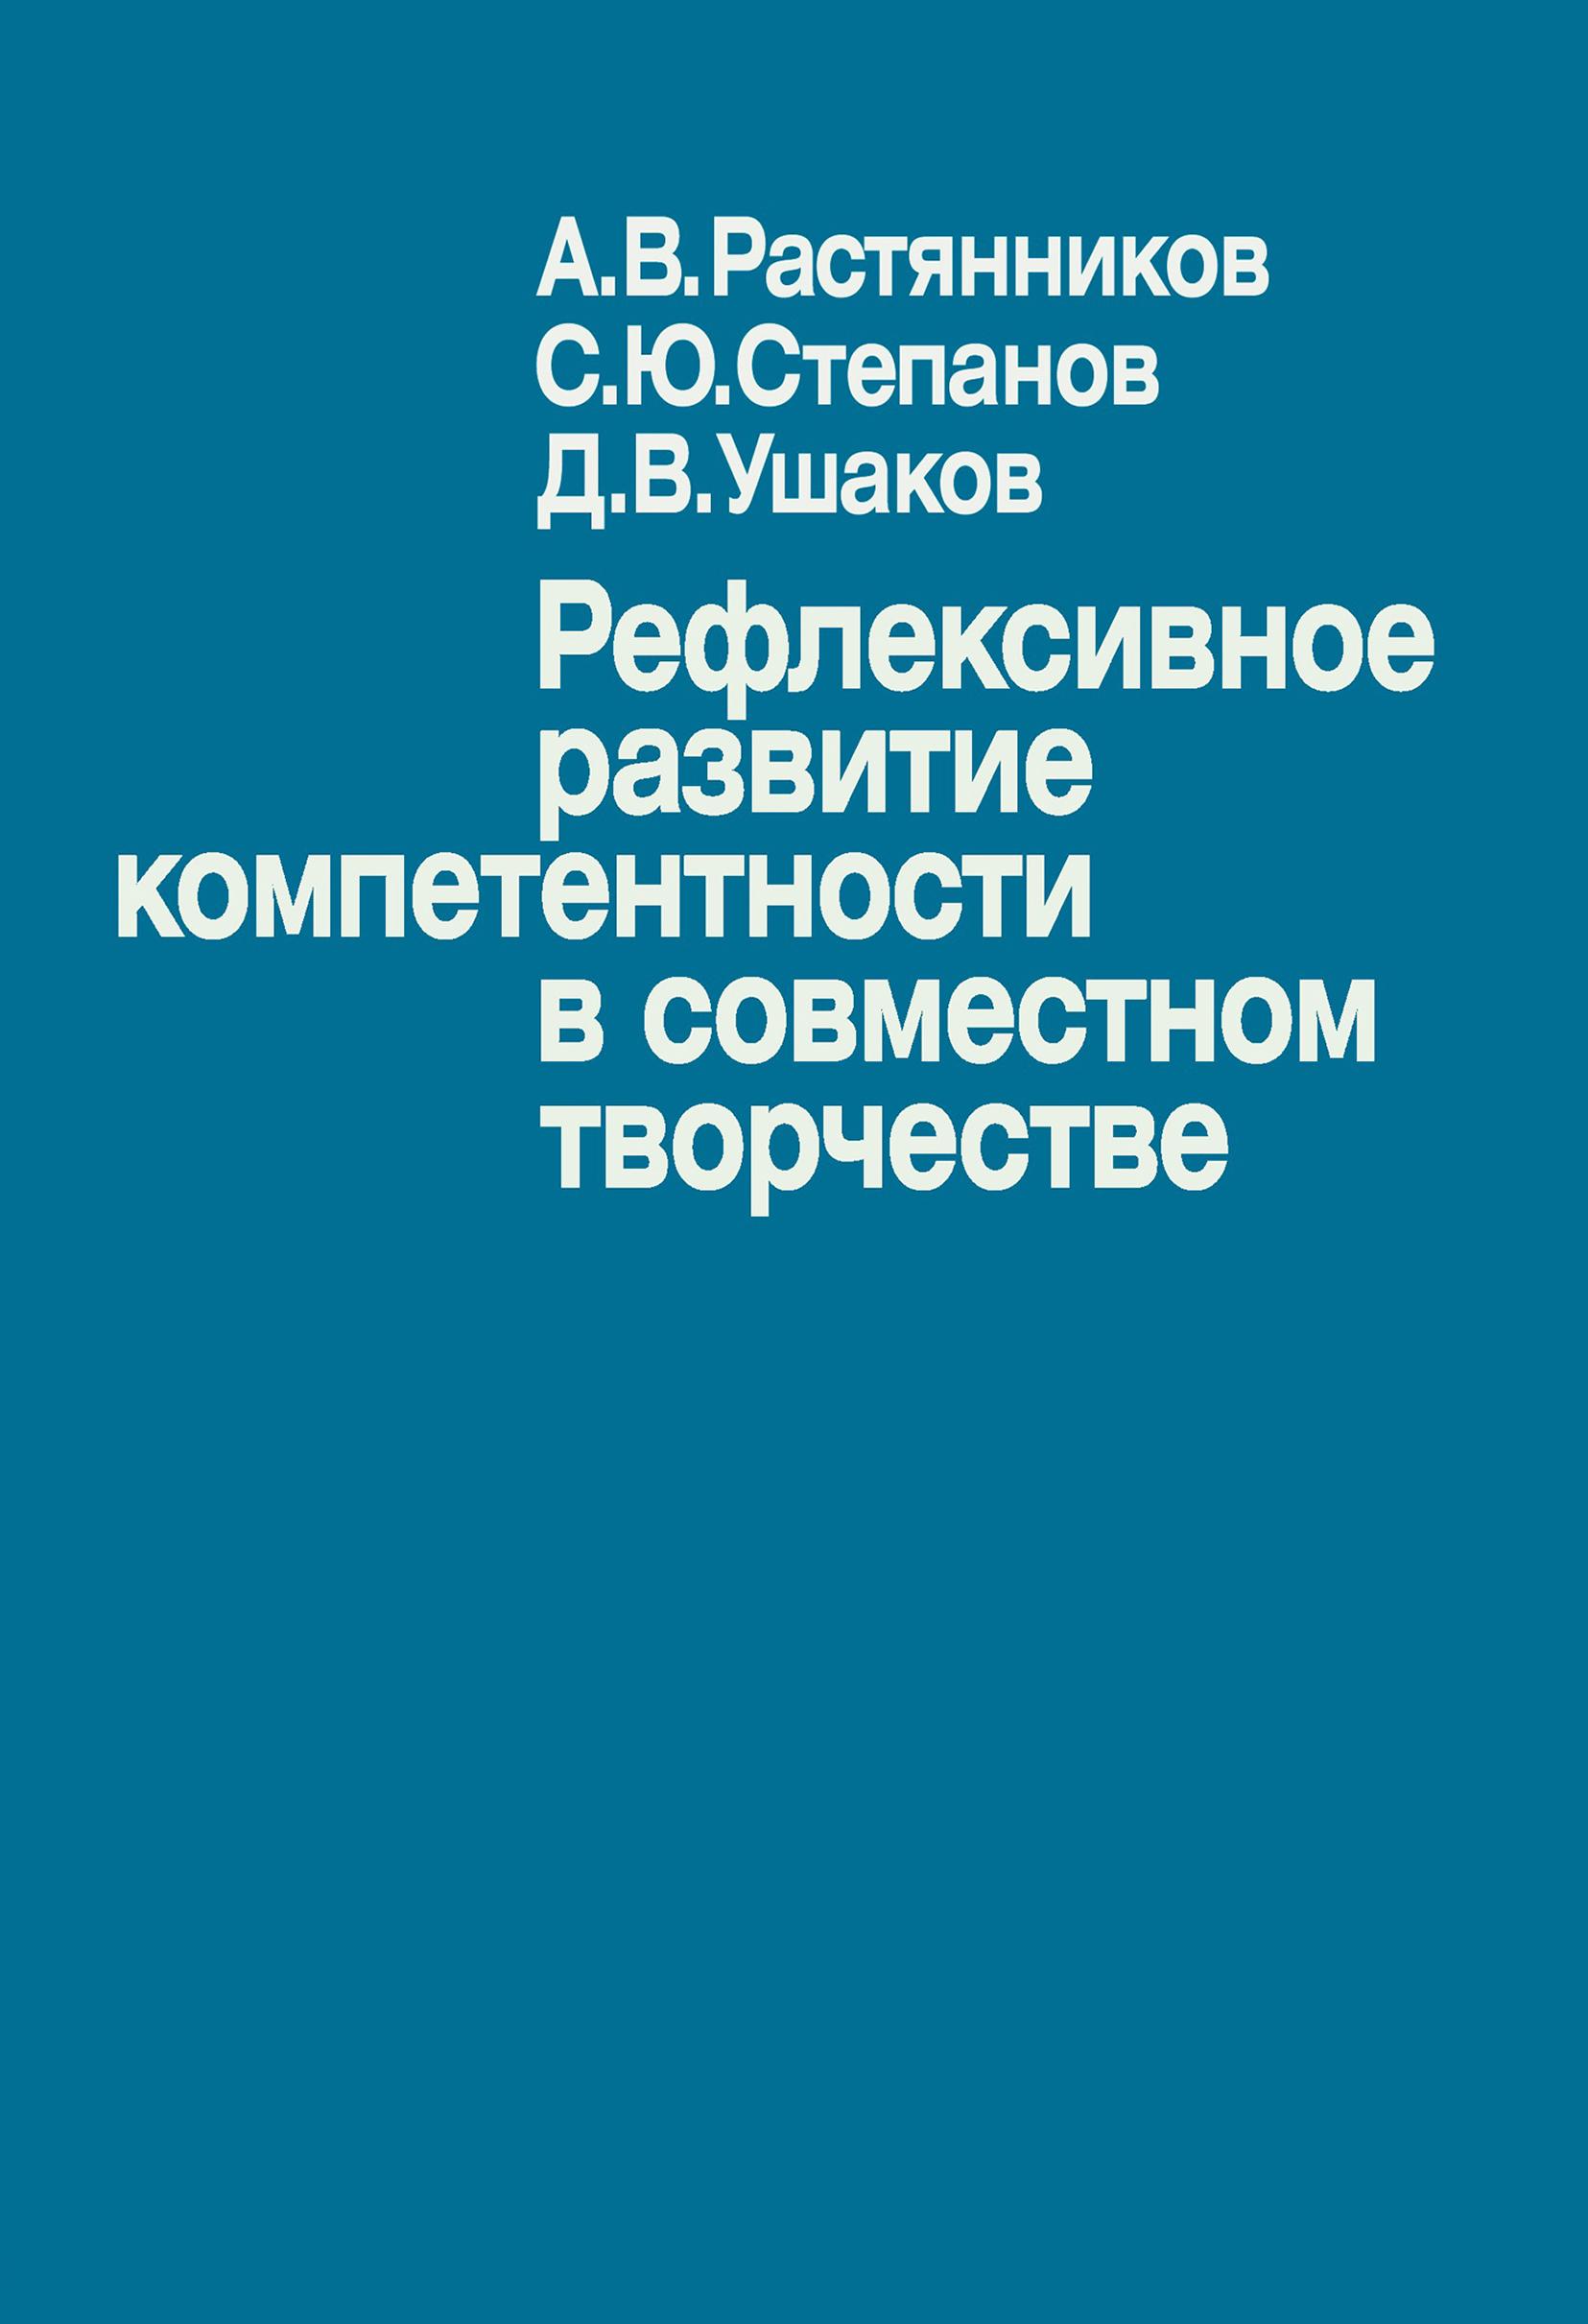 Д. В. Ушаков Рефлексивное развитие компетентности в совместном творчестве